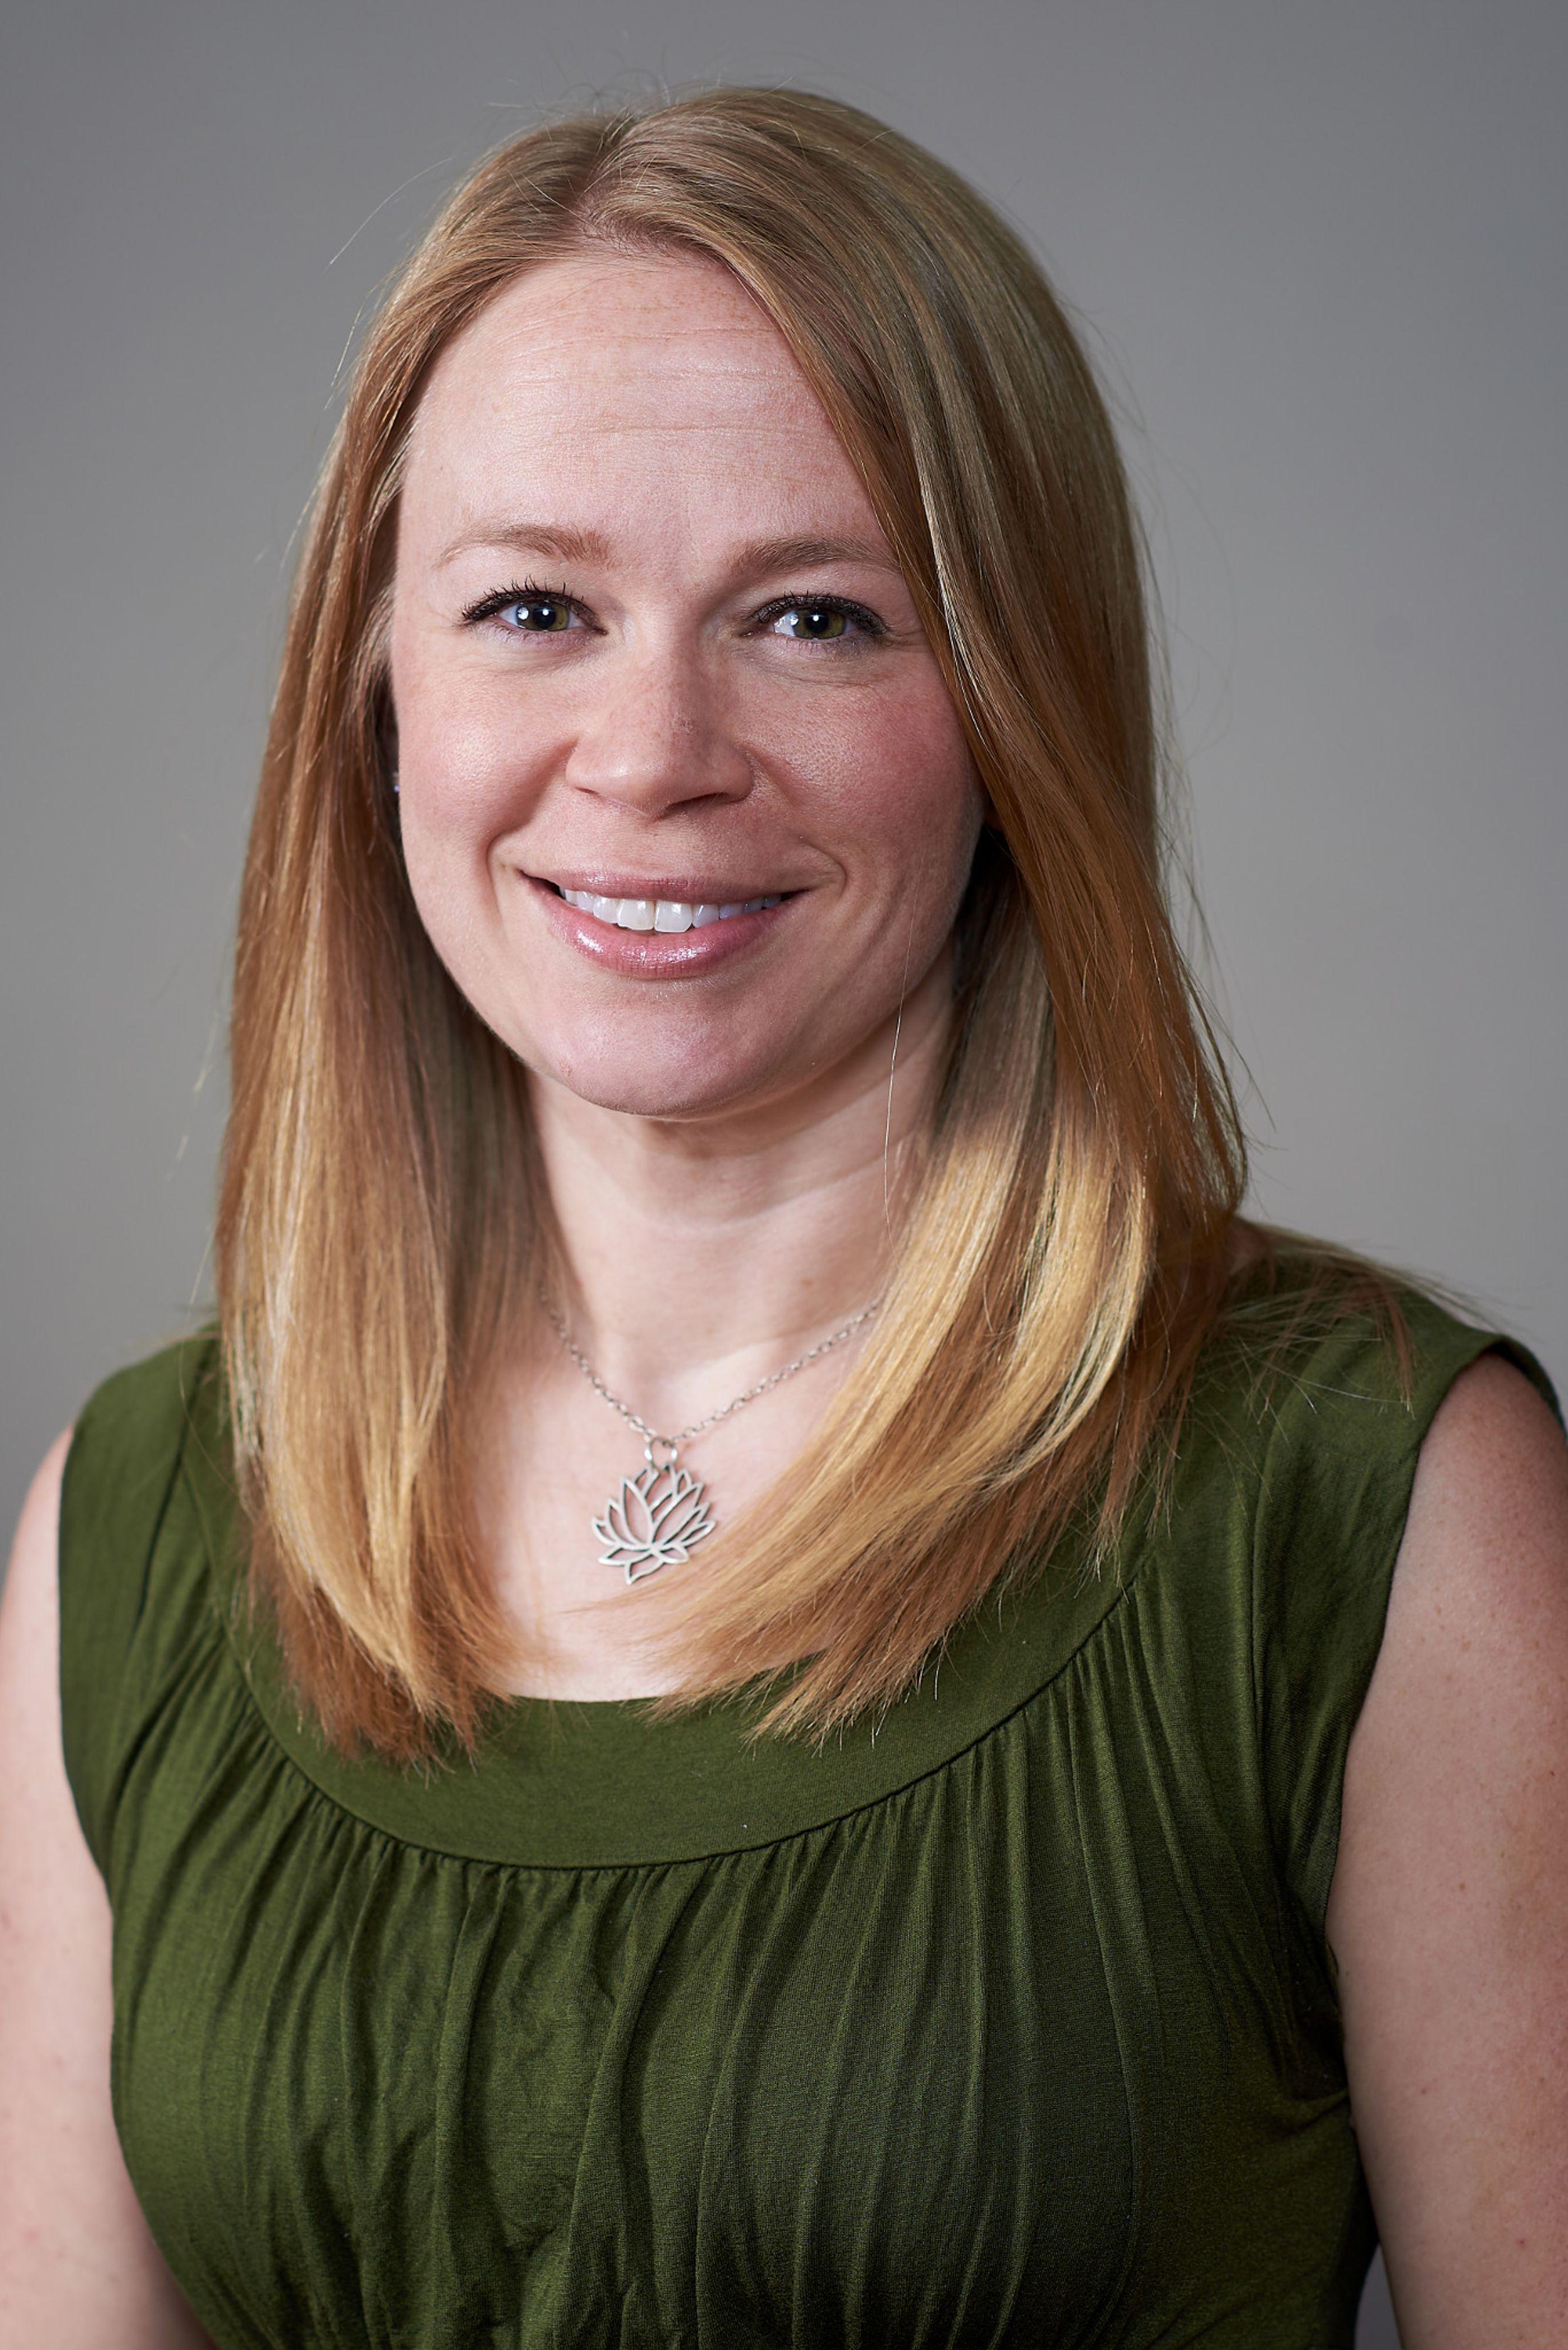 Kristy Firebaugh